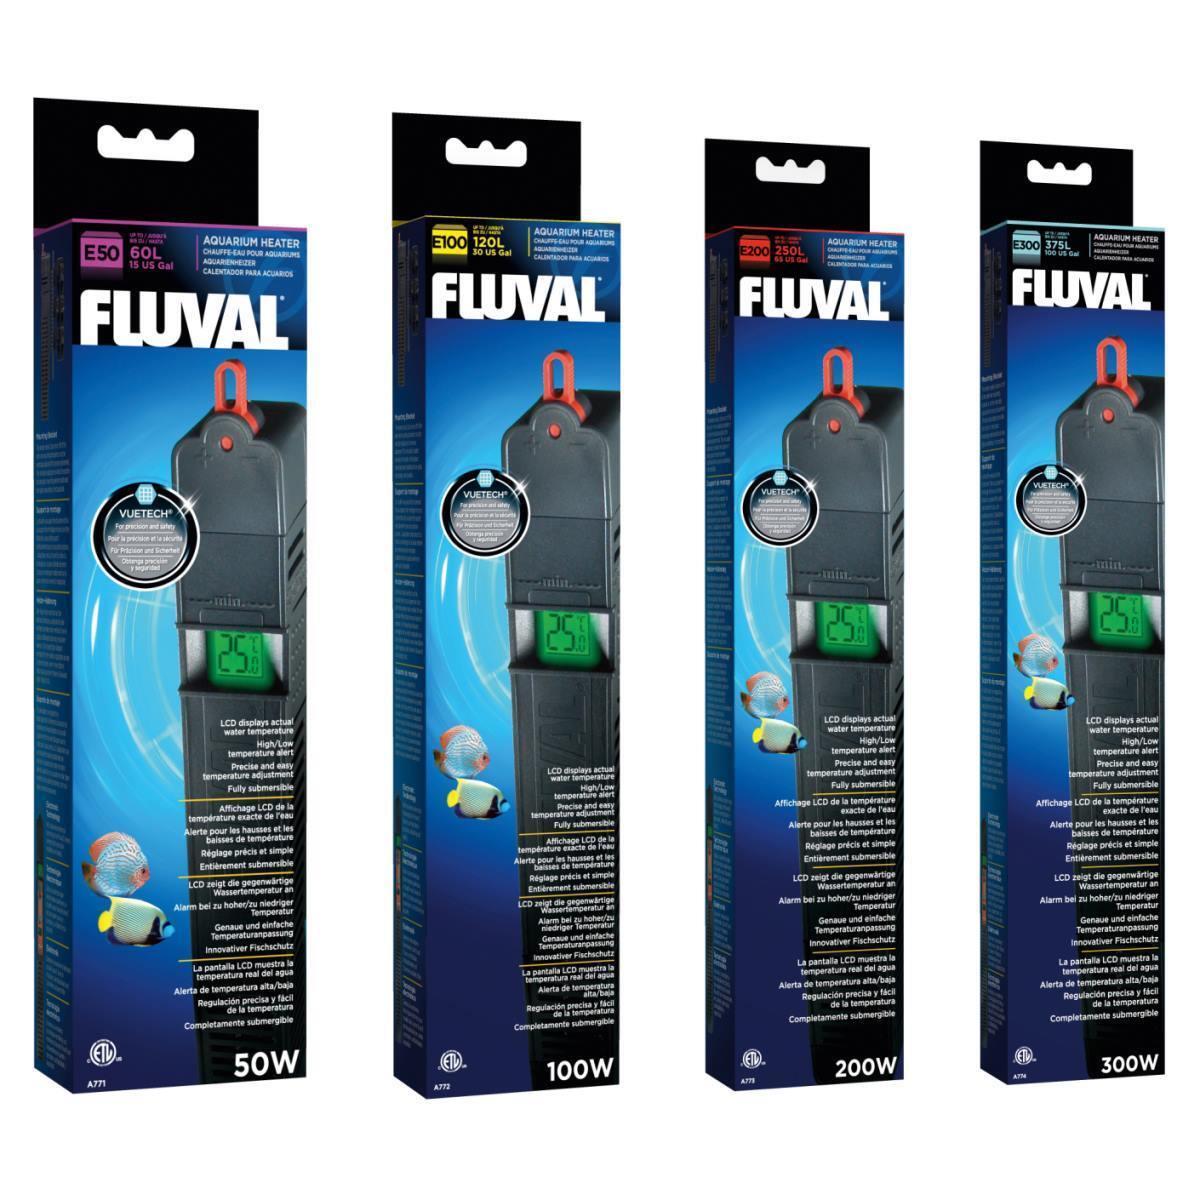 Fluval E-Heizer, Heizstab, eintauchbarer Aquarienheizer - verschiedene Größen !